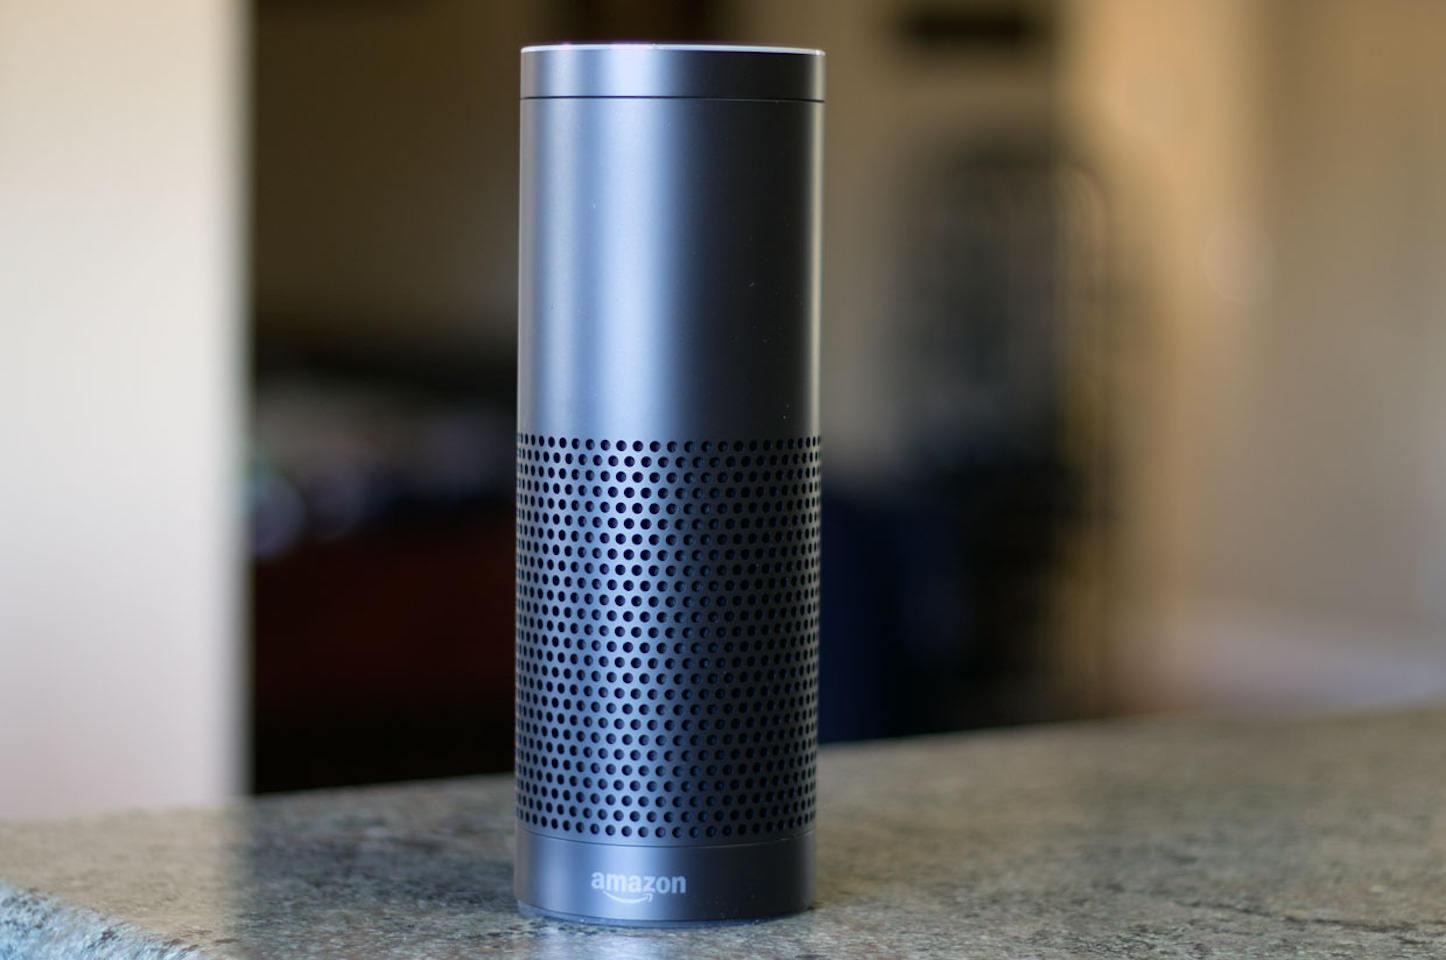 Amazon Echo like device